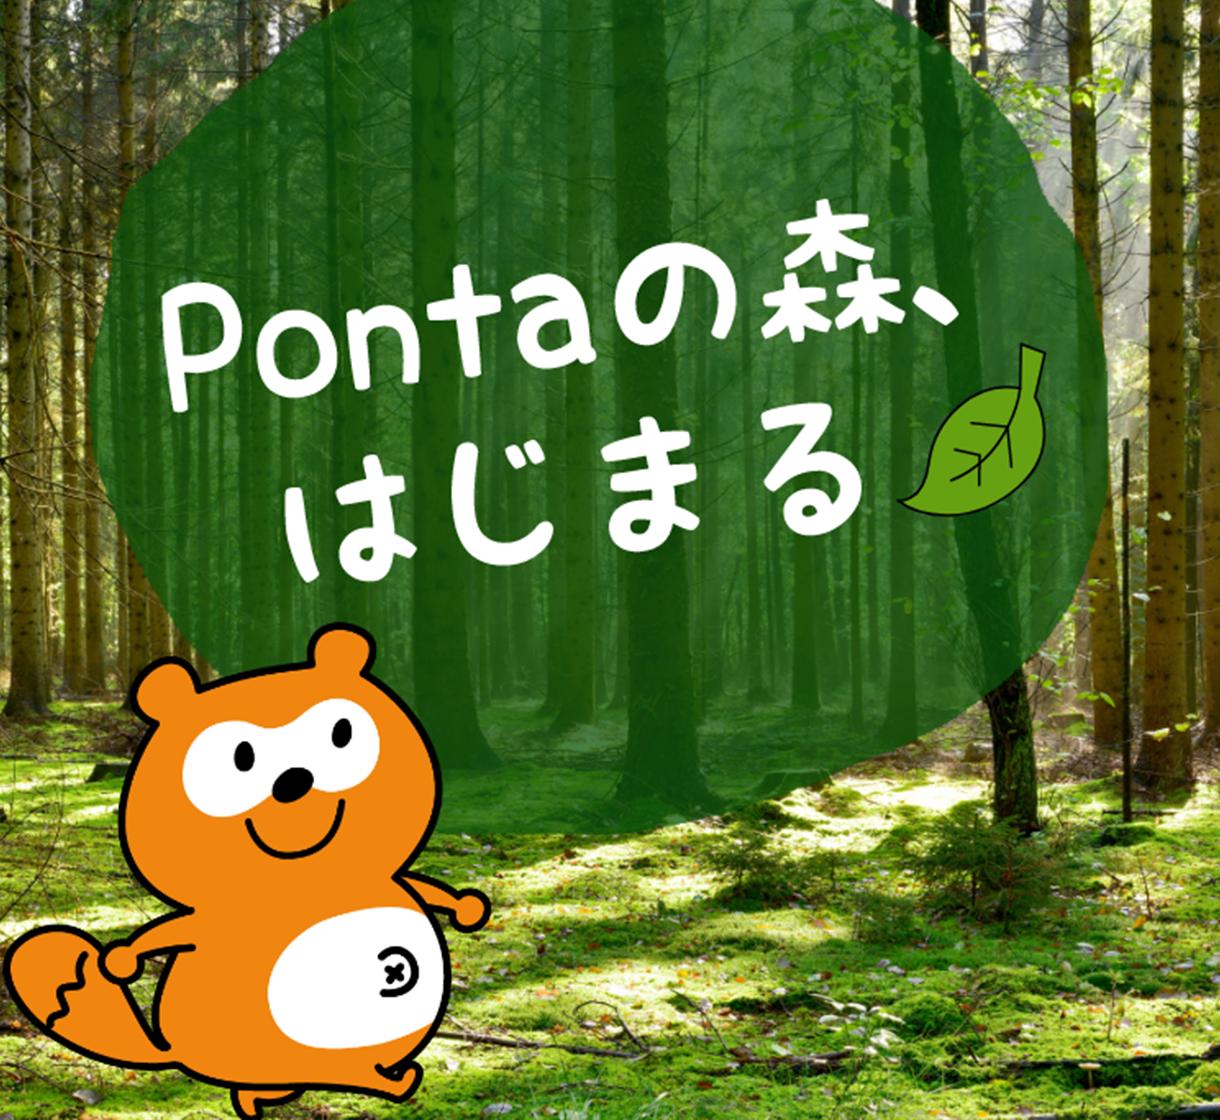 Pontaの森